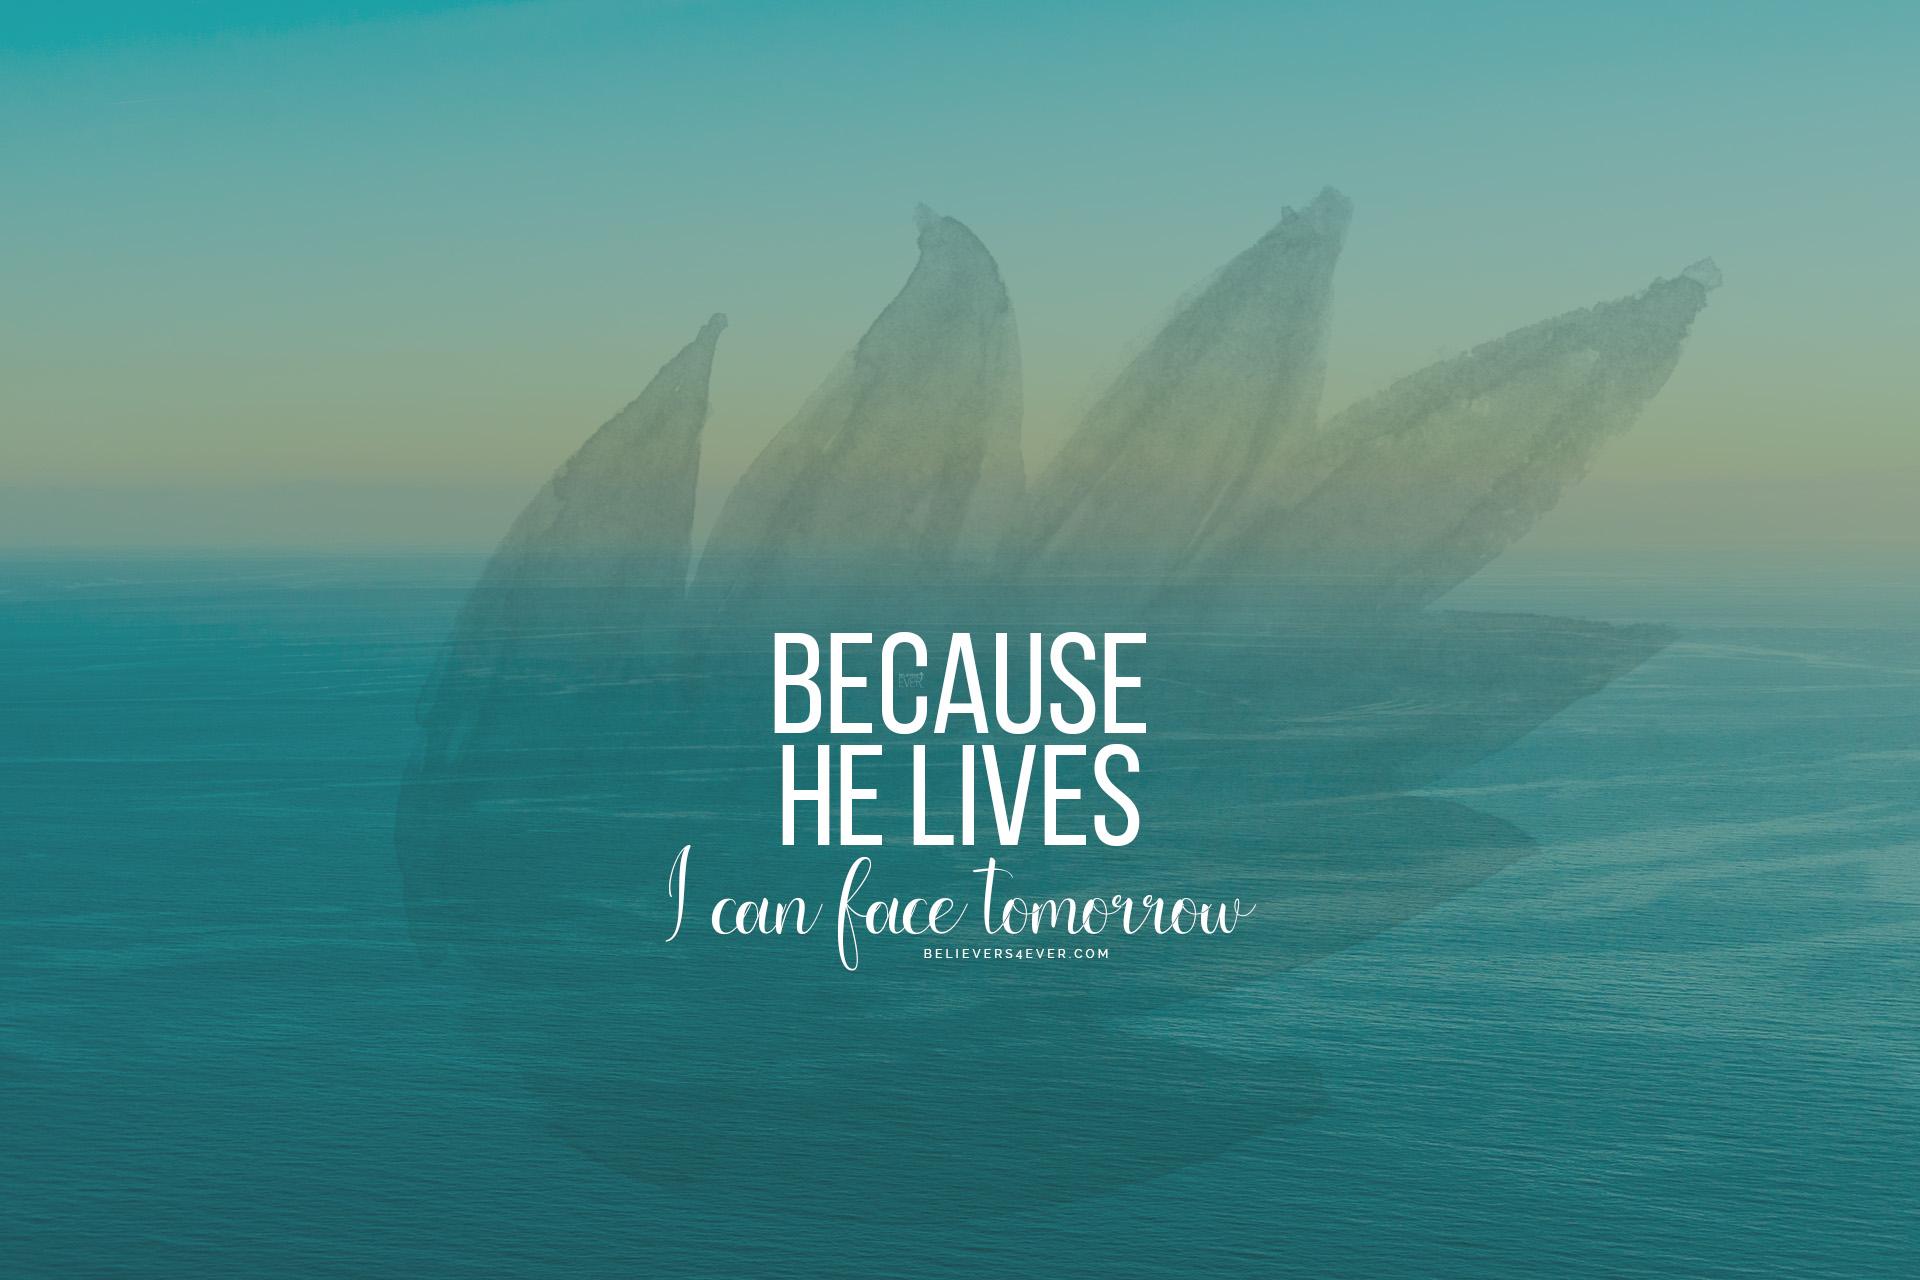 Because he lives wallpaper - Believers4ever.com